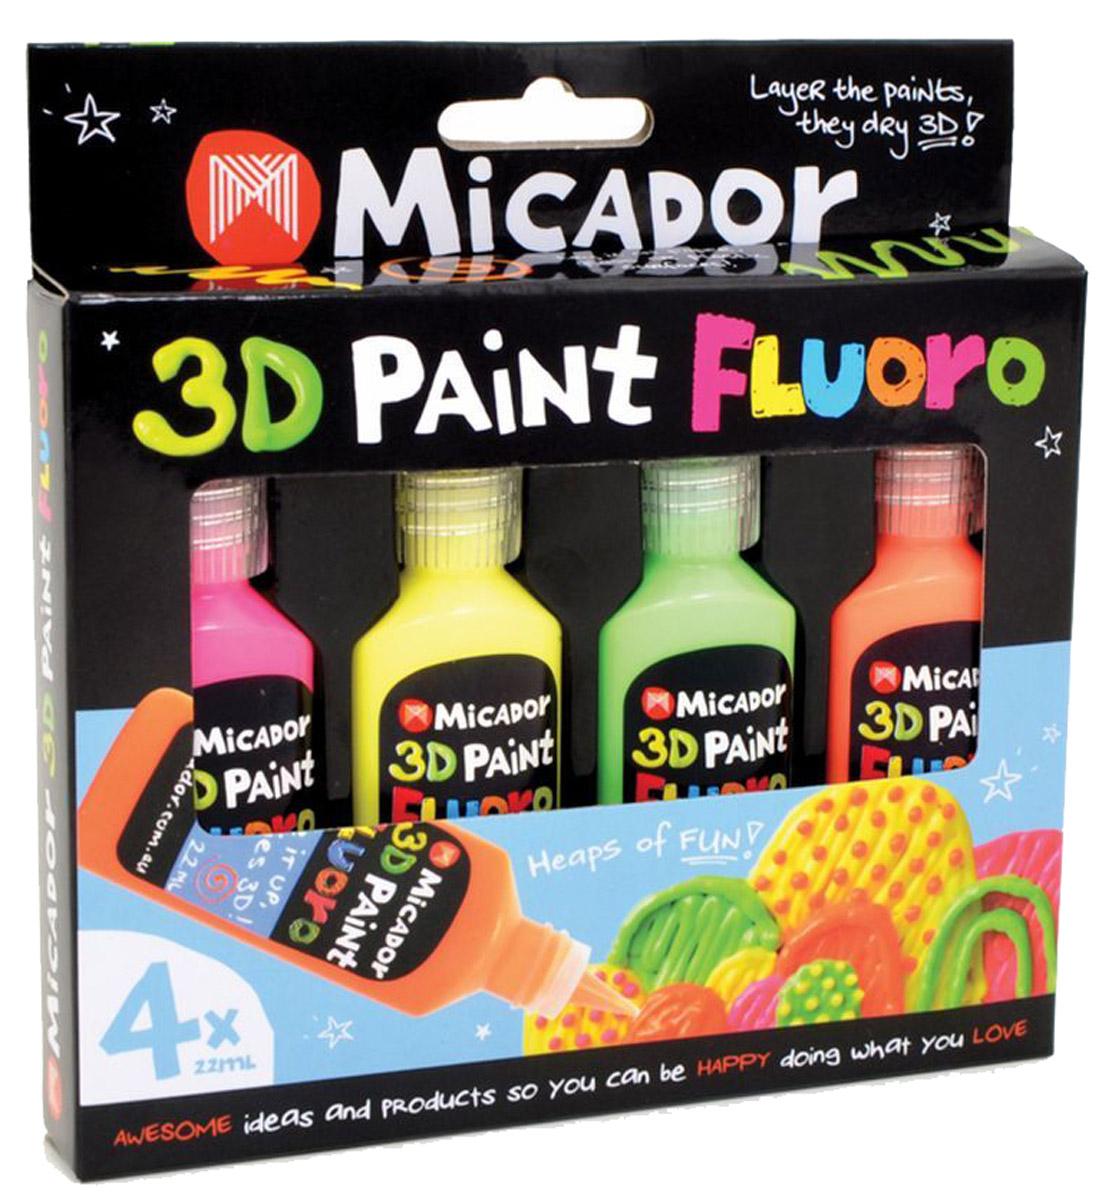 Micador 3D краски флуоресцентные 4 цветаCS-PM180-91430Потрясающая 3D краска Micador для трехмерной фантазии.Благодаря кремовидной структуре маленькие художники будут рисовать более опрятно. Краски быстро высыхают и отлично смываются в теплой мыльной воде, что обязательно оценят родители. Благодаря краскам с высокой пигментацией рисунки даже после высыхания остаются яркими. Не содержат токсичных веществ, полностью безопасны для детей. 3D рисование развивает пространственное мышление, логику, воображение, творческие способности, логику, память и мышление. Пусть мир вашего ребенка будет ярким, безопасным и многогранным!  исование .Австралийский бренд Micador - эксперт в товарах для детского творчества с 1954 года.